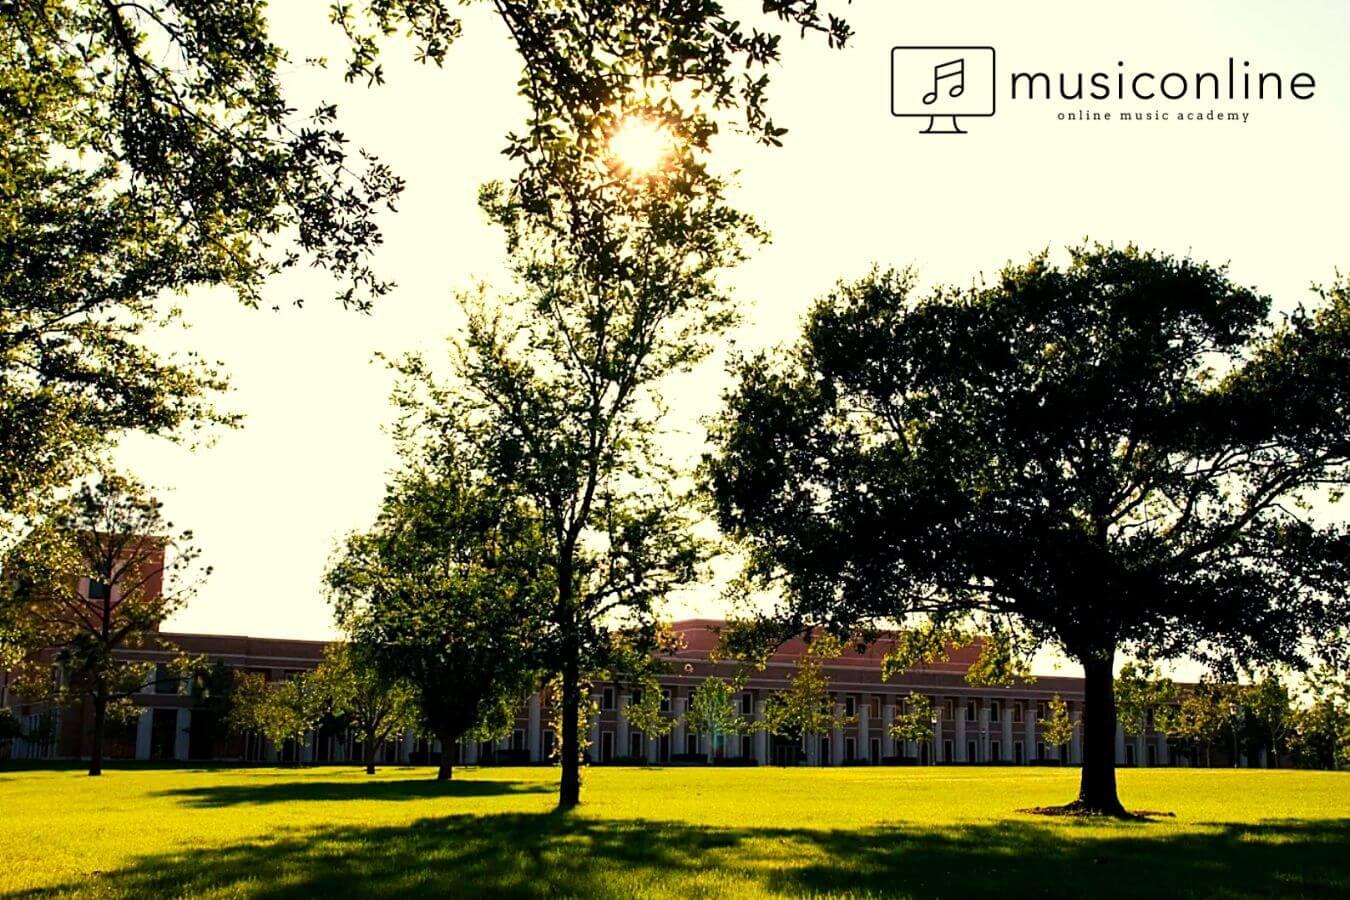 En İyi Müzik Okulları